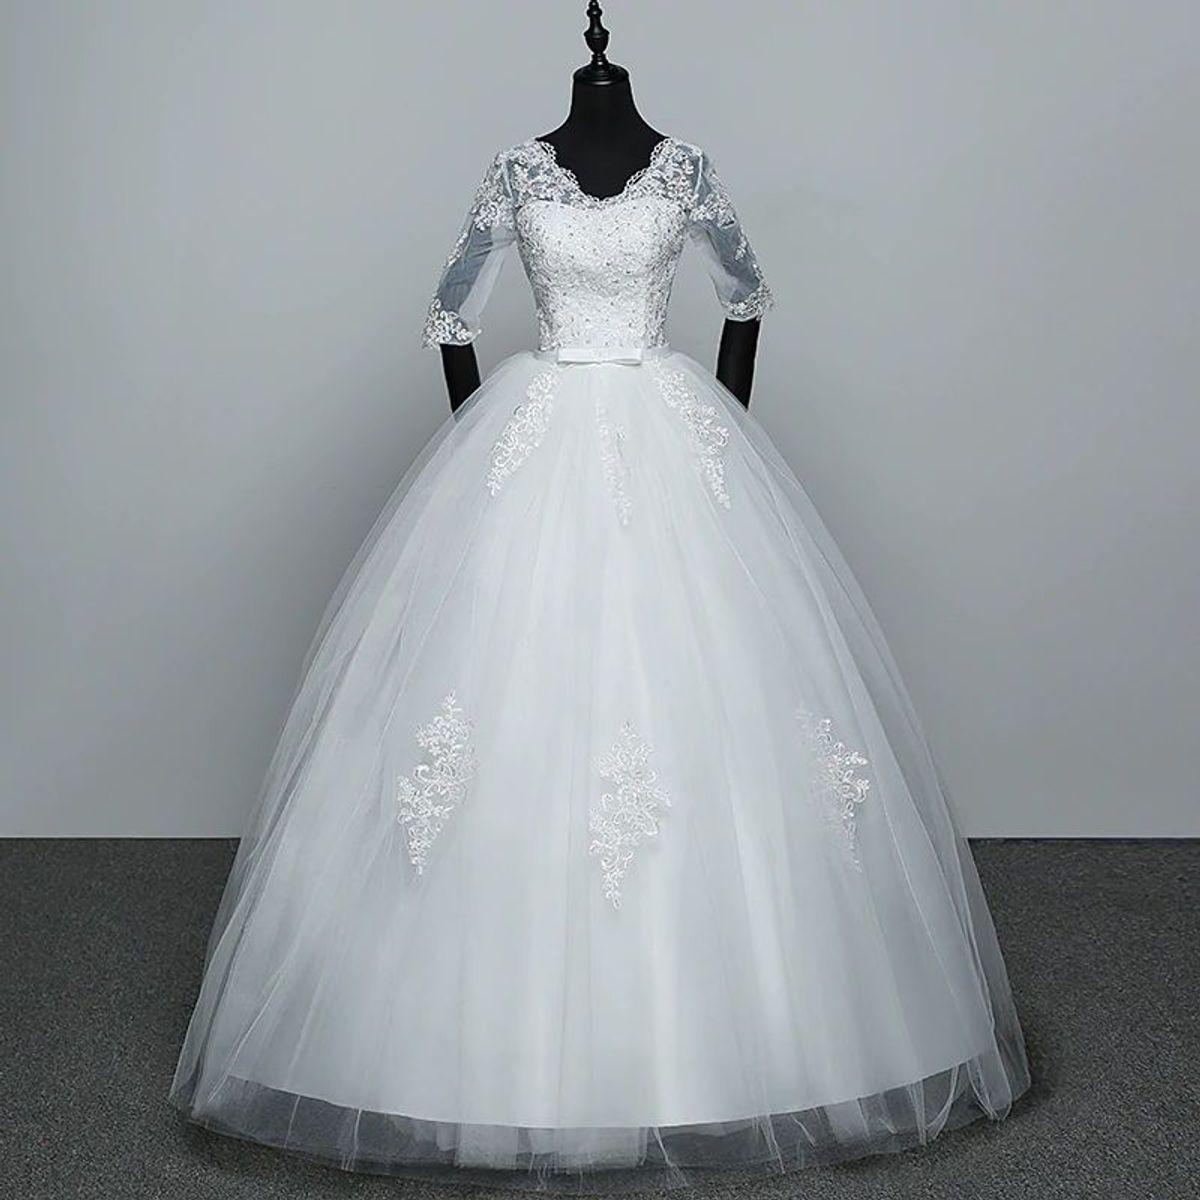 a7e2a446e Vestido Noiva Princesa Rodado Renda Bordado | Vestido Feminino ...